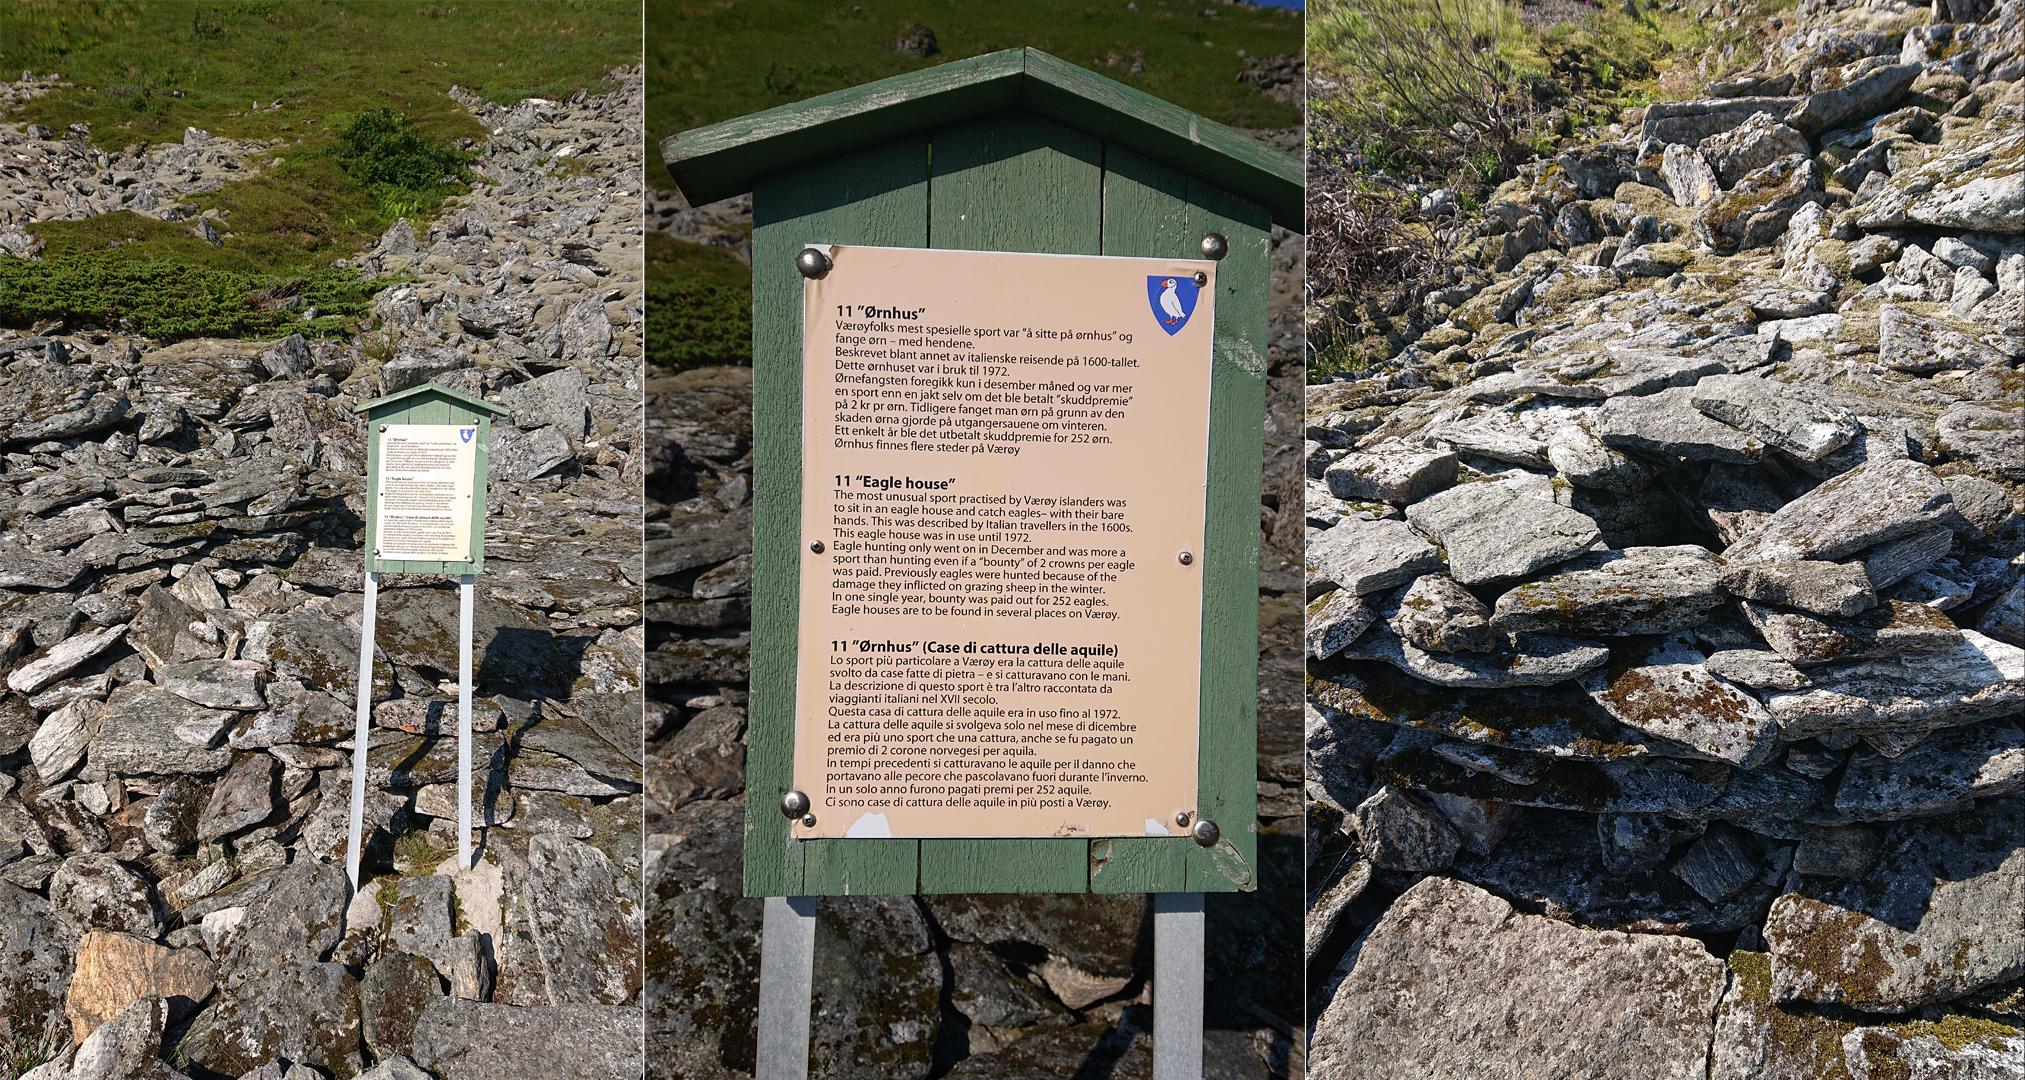 Das Adlerfangen war auf Værøy ein fragwürdiger Jagdsport.